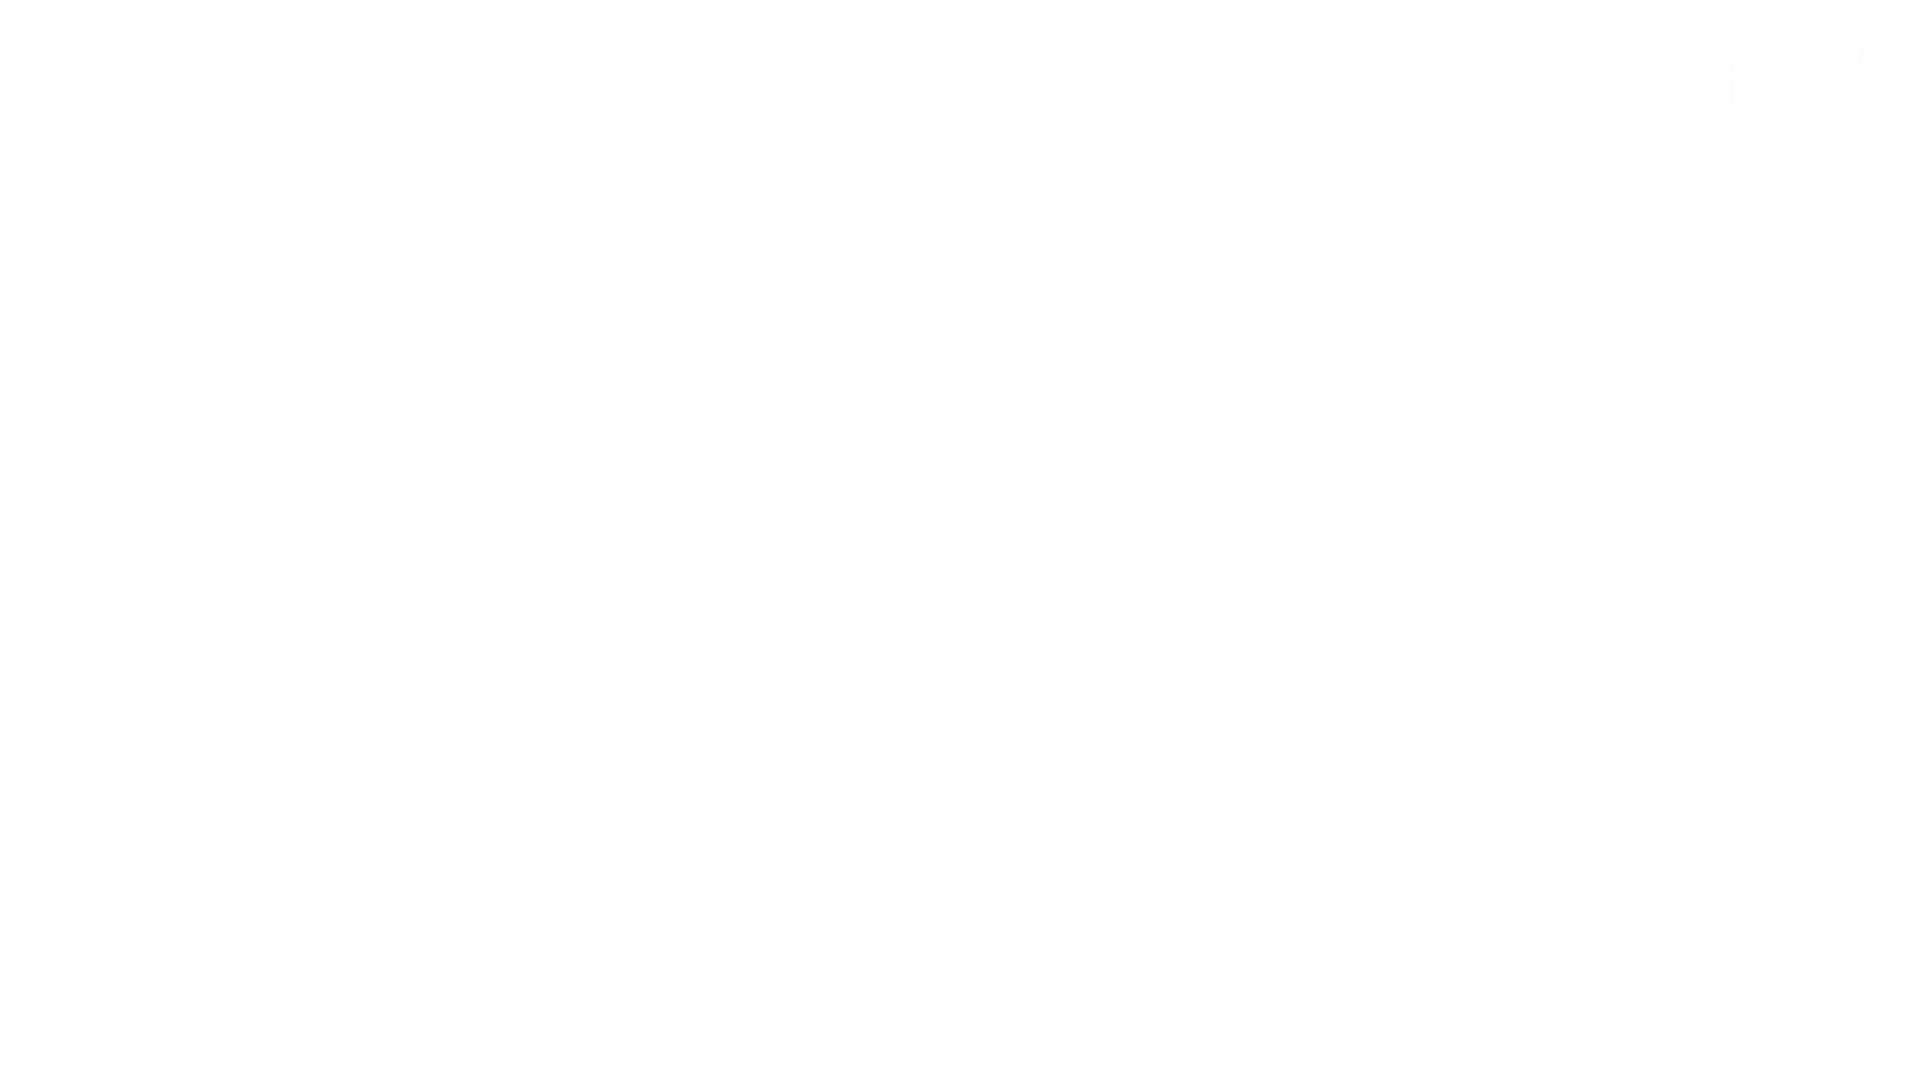 至高下半身盗撮-PREMIUM-【院内病棟編 】VOL1 盗撮  63PIX 39